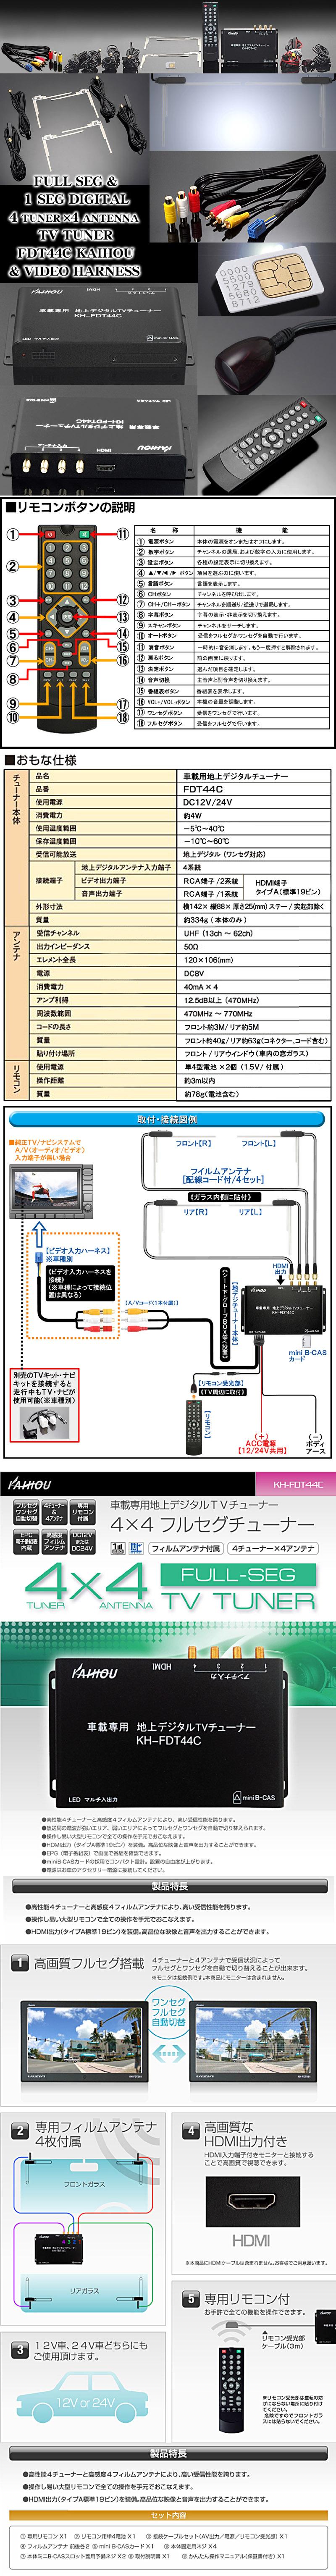 フルセグ地上デジタルチューナーFDT44C KAIHOU 4チューナー×4アンプ付アンテナ HDMI仕様&ビデオ入力ハーネス【18,000円(税別)シリーズ】《2点セット》メーカー純正車載テレビ用